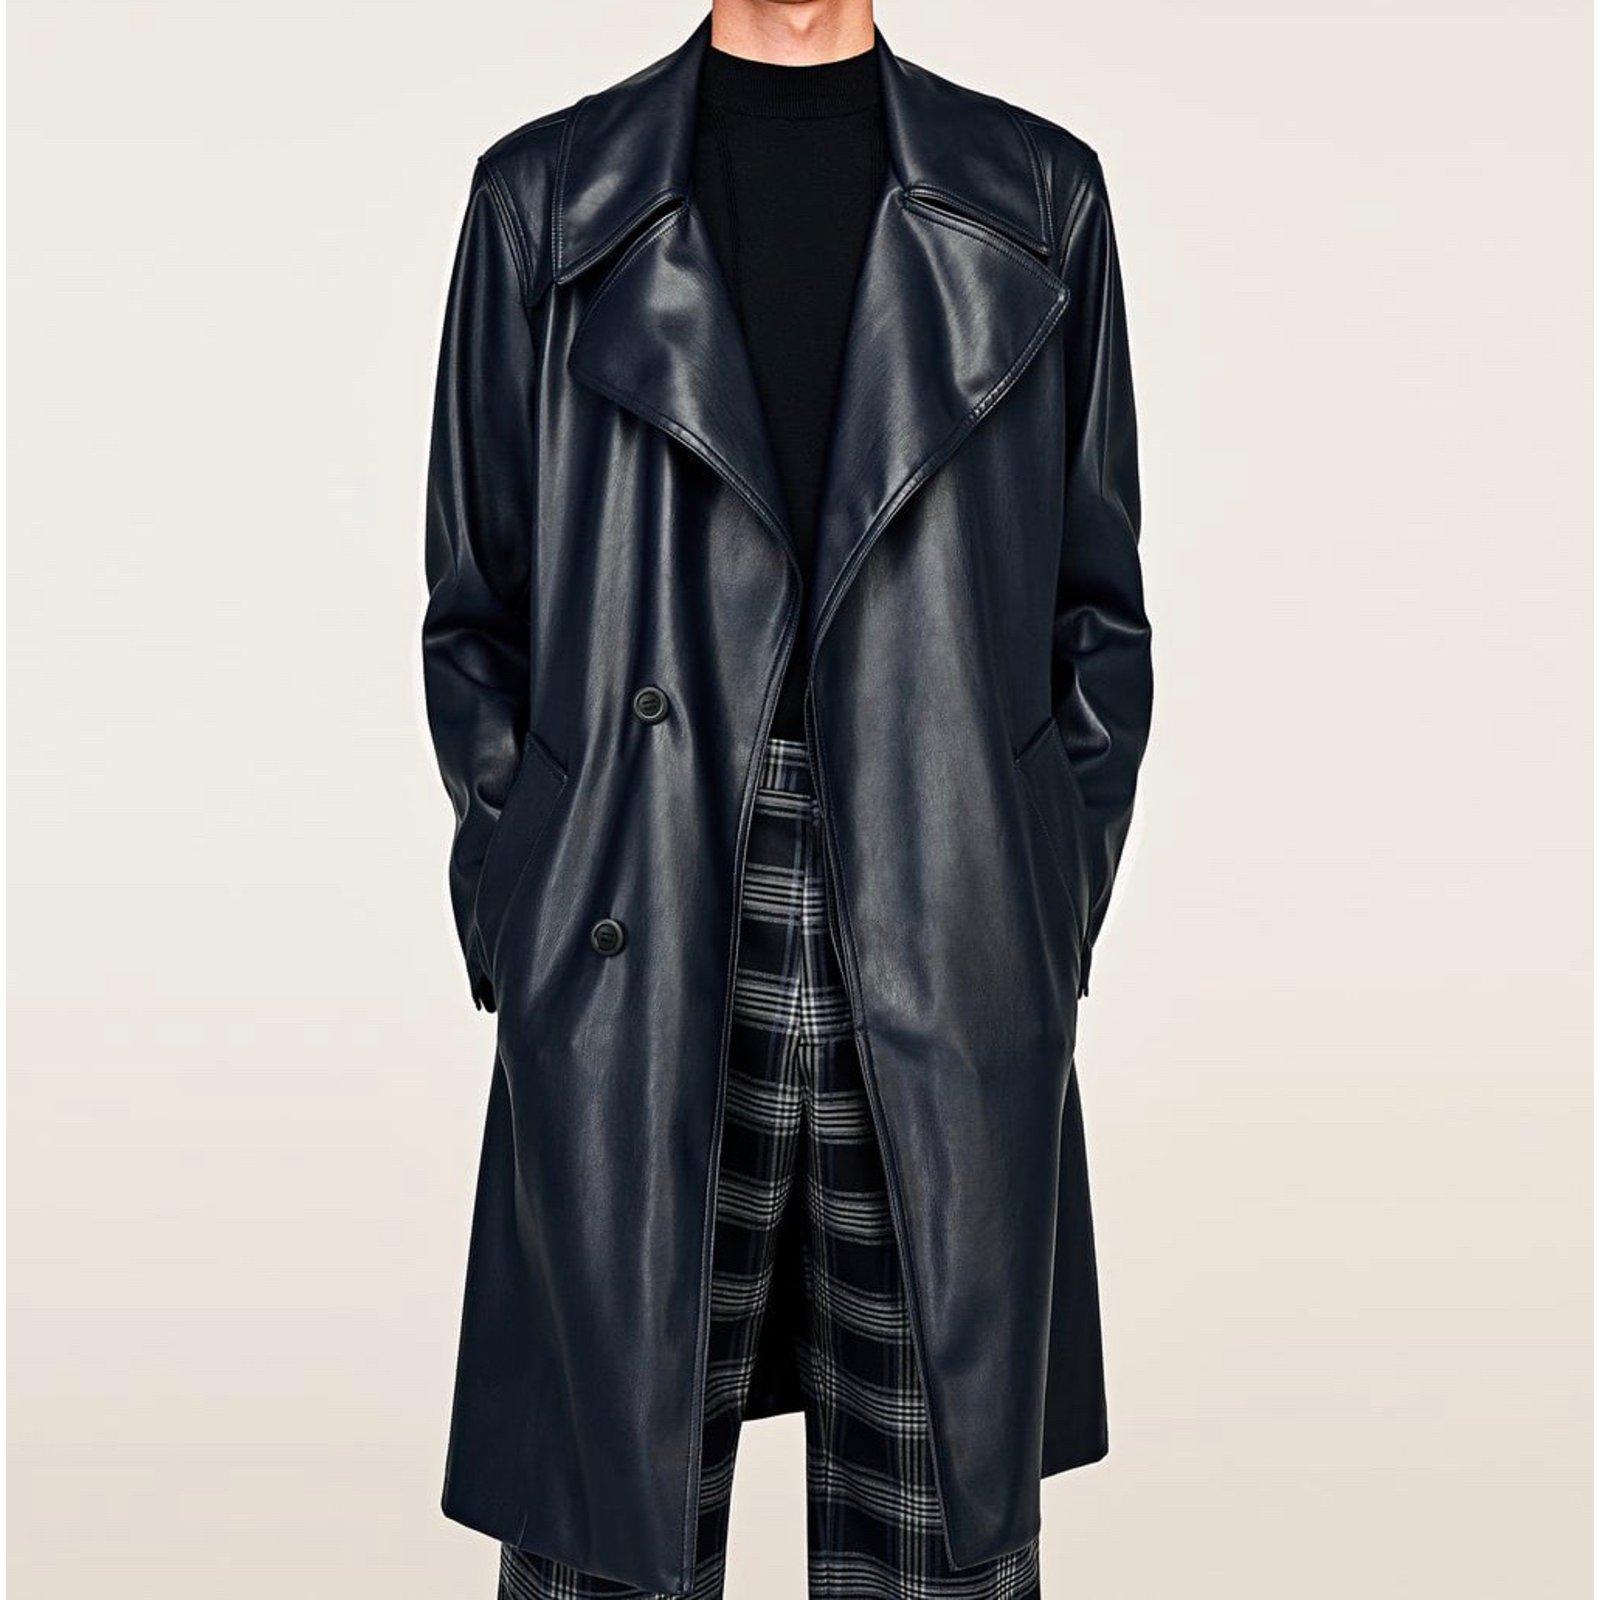 bc3e2140 Zara Men Coat Men Coats Outerwear Other Blue ref.67297 - Joli Closet